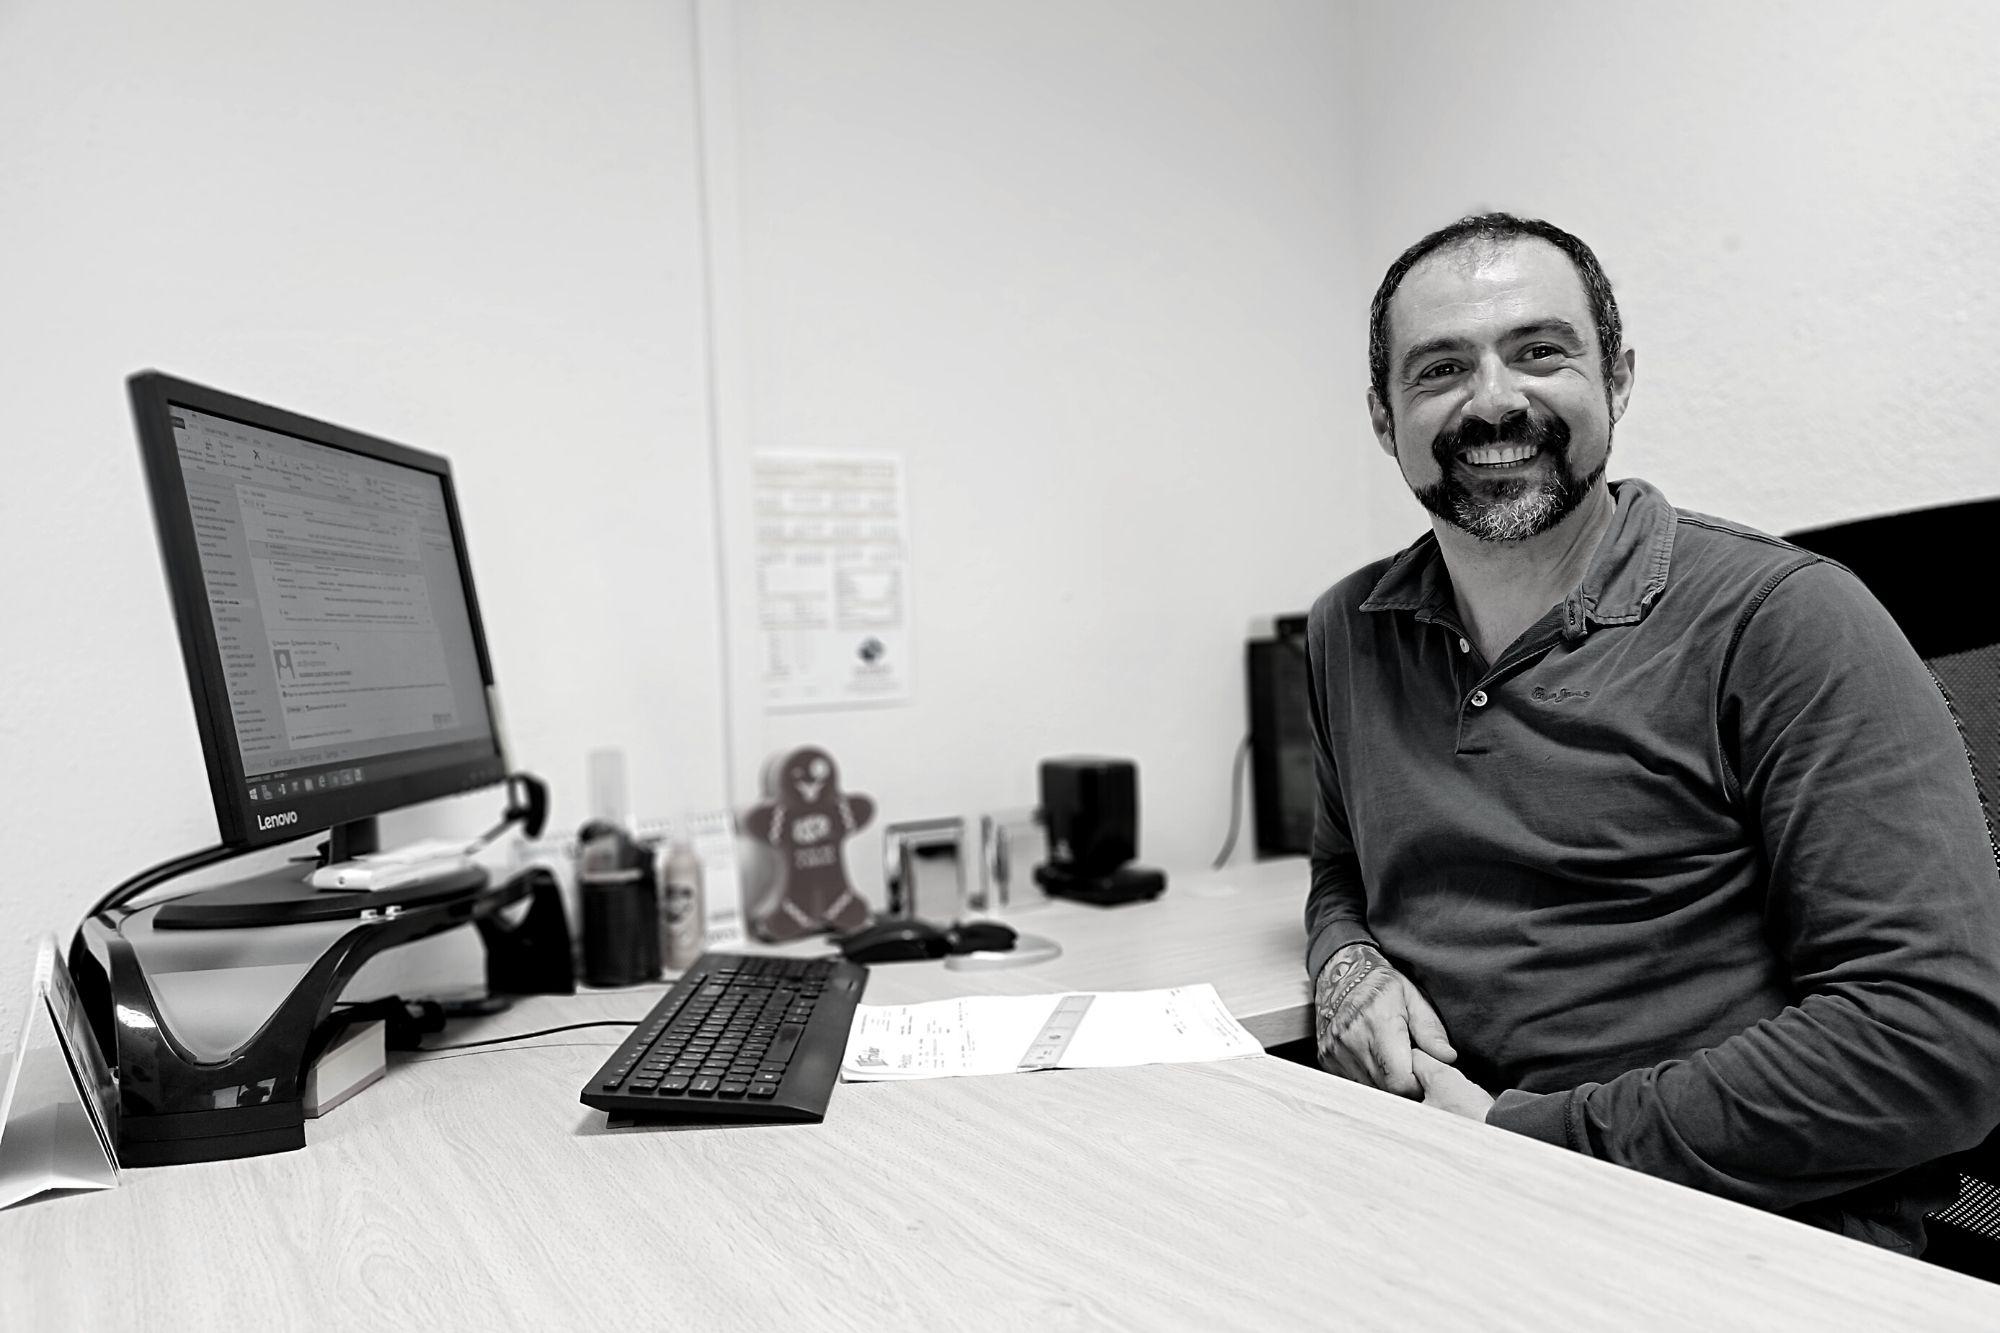 Daniel Sanchez gerencia folder valencia